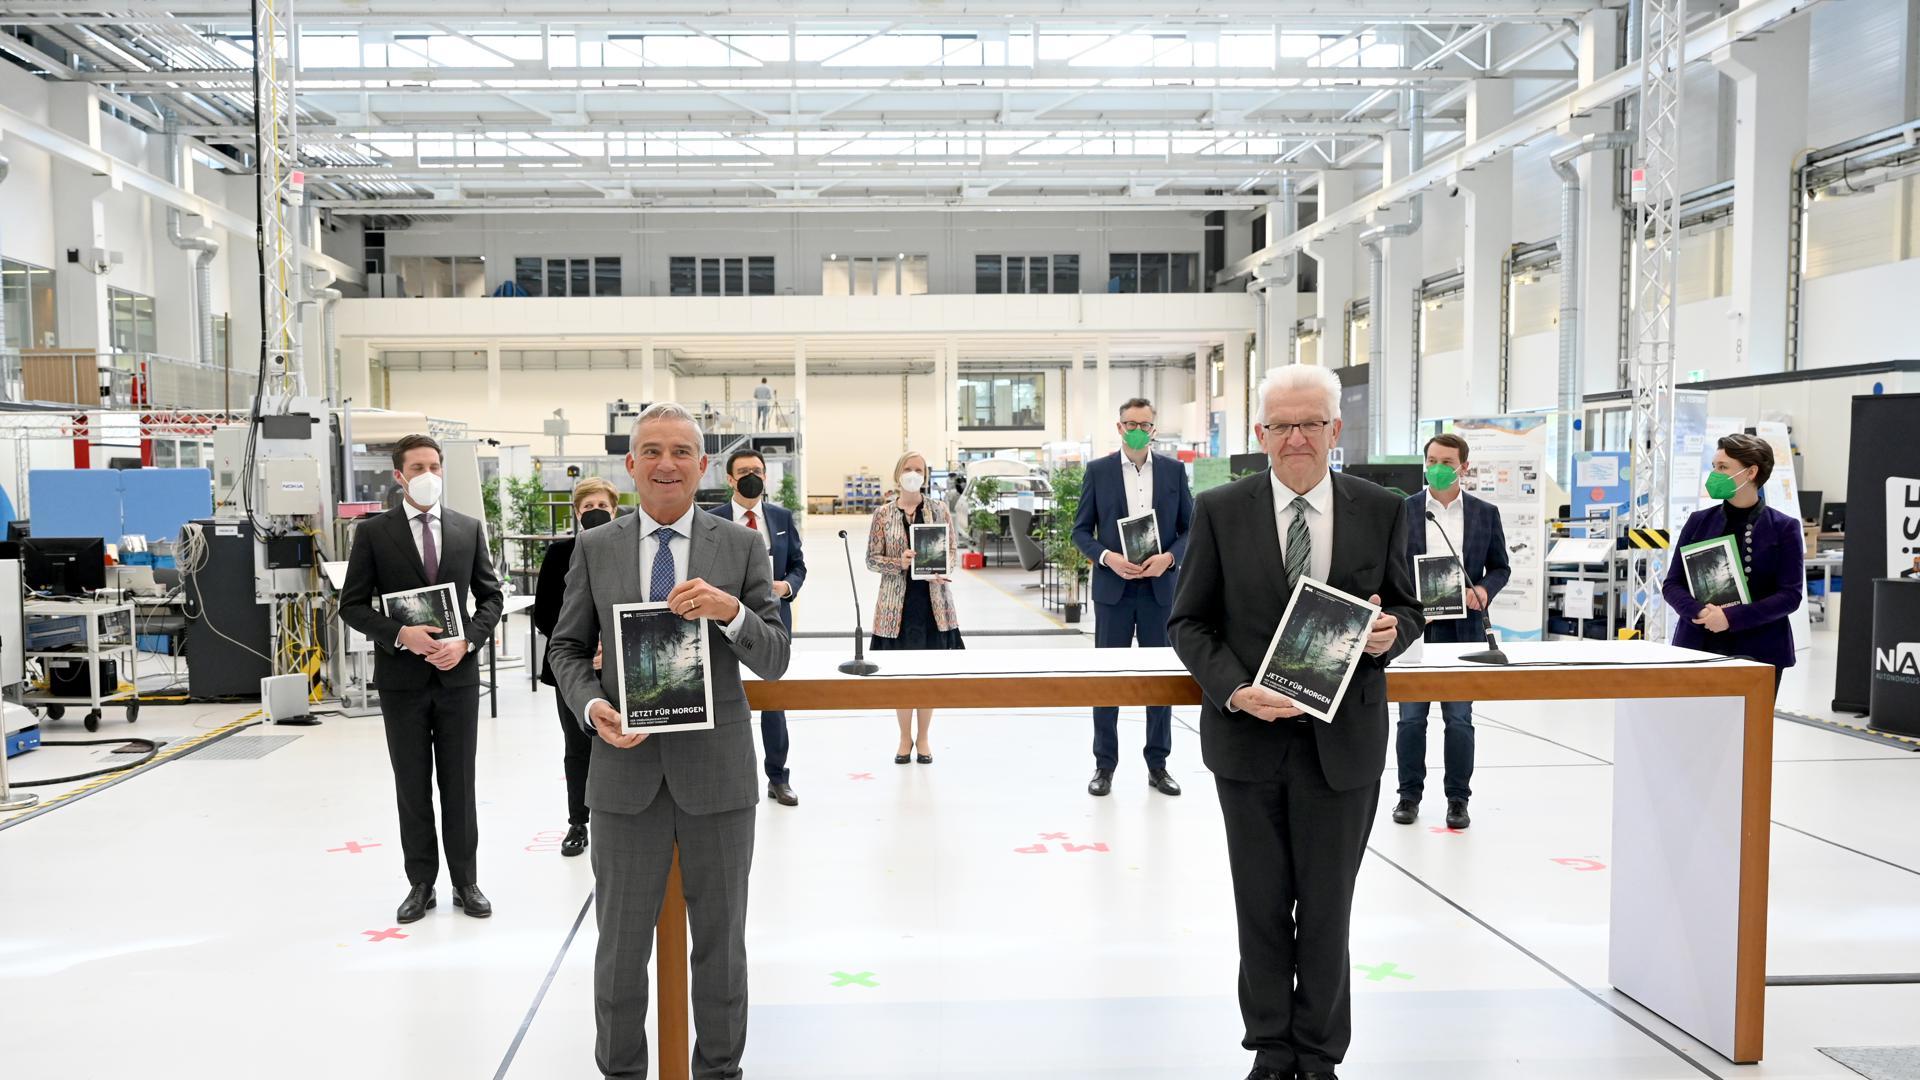 Thomas Strobl (l, CDU), Innenminister von Baden-Württemberg und Winfried Kretschmann (r, Bündnis 90/Die Grünen), Ministerpräsident von Baden-Württemberg, halten bei der Präsentation den Koalitionsvertrag der neuen grün-schwarzen Landesregierung in Baden-Württemberg in den Händen.